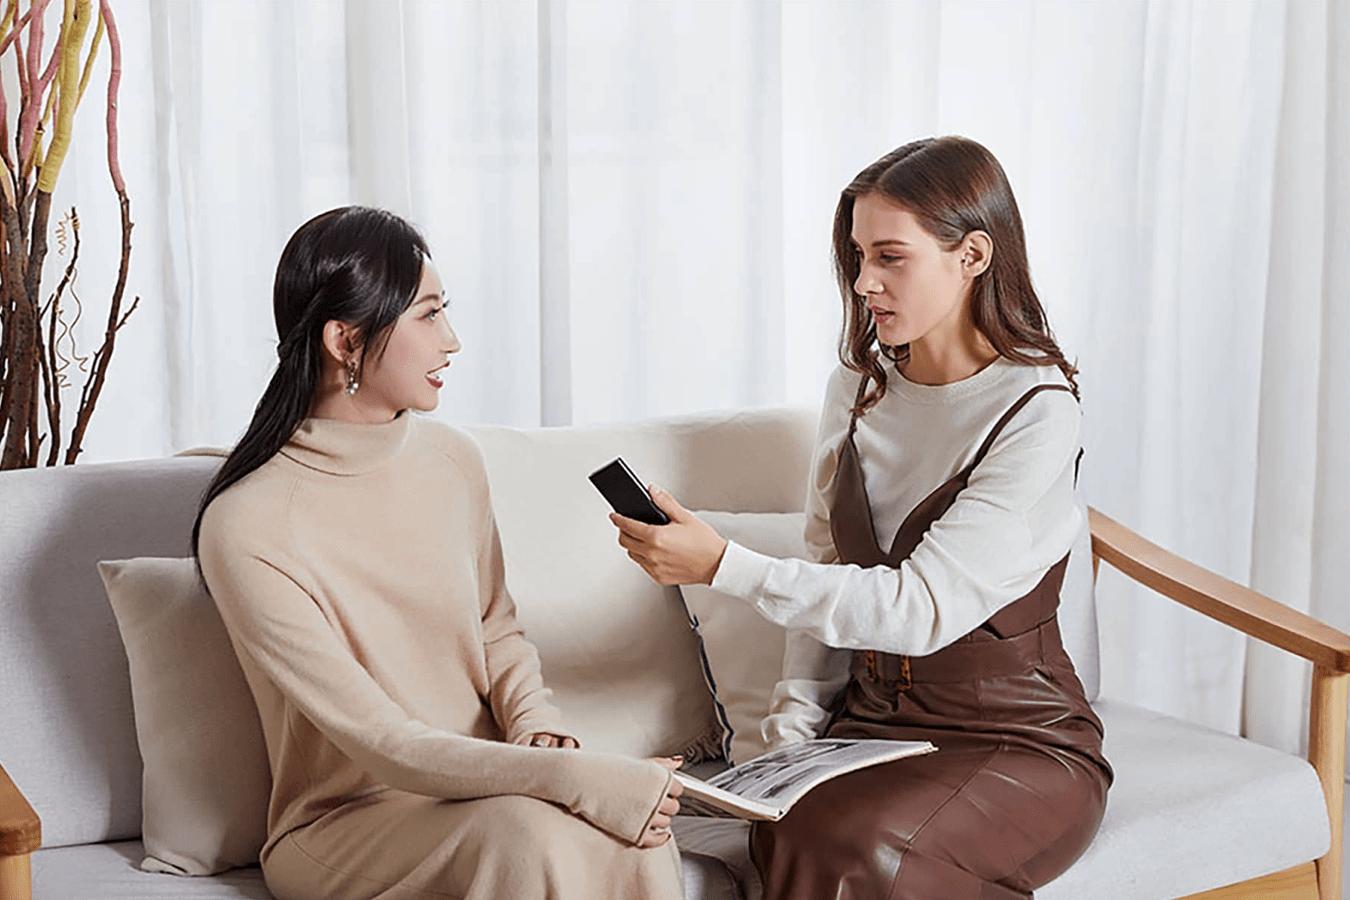 traducteur-vocal-langogo-genesis-connexion-et-traduction-plusieurs-langues